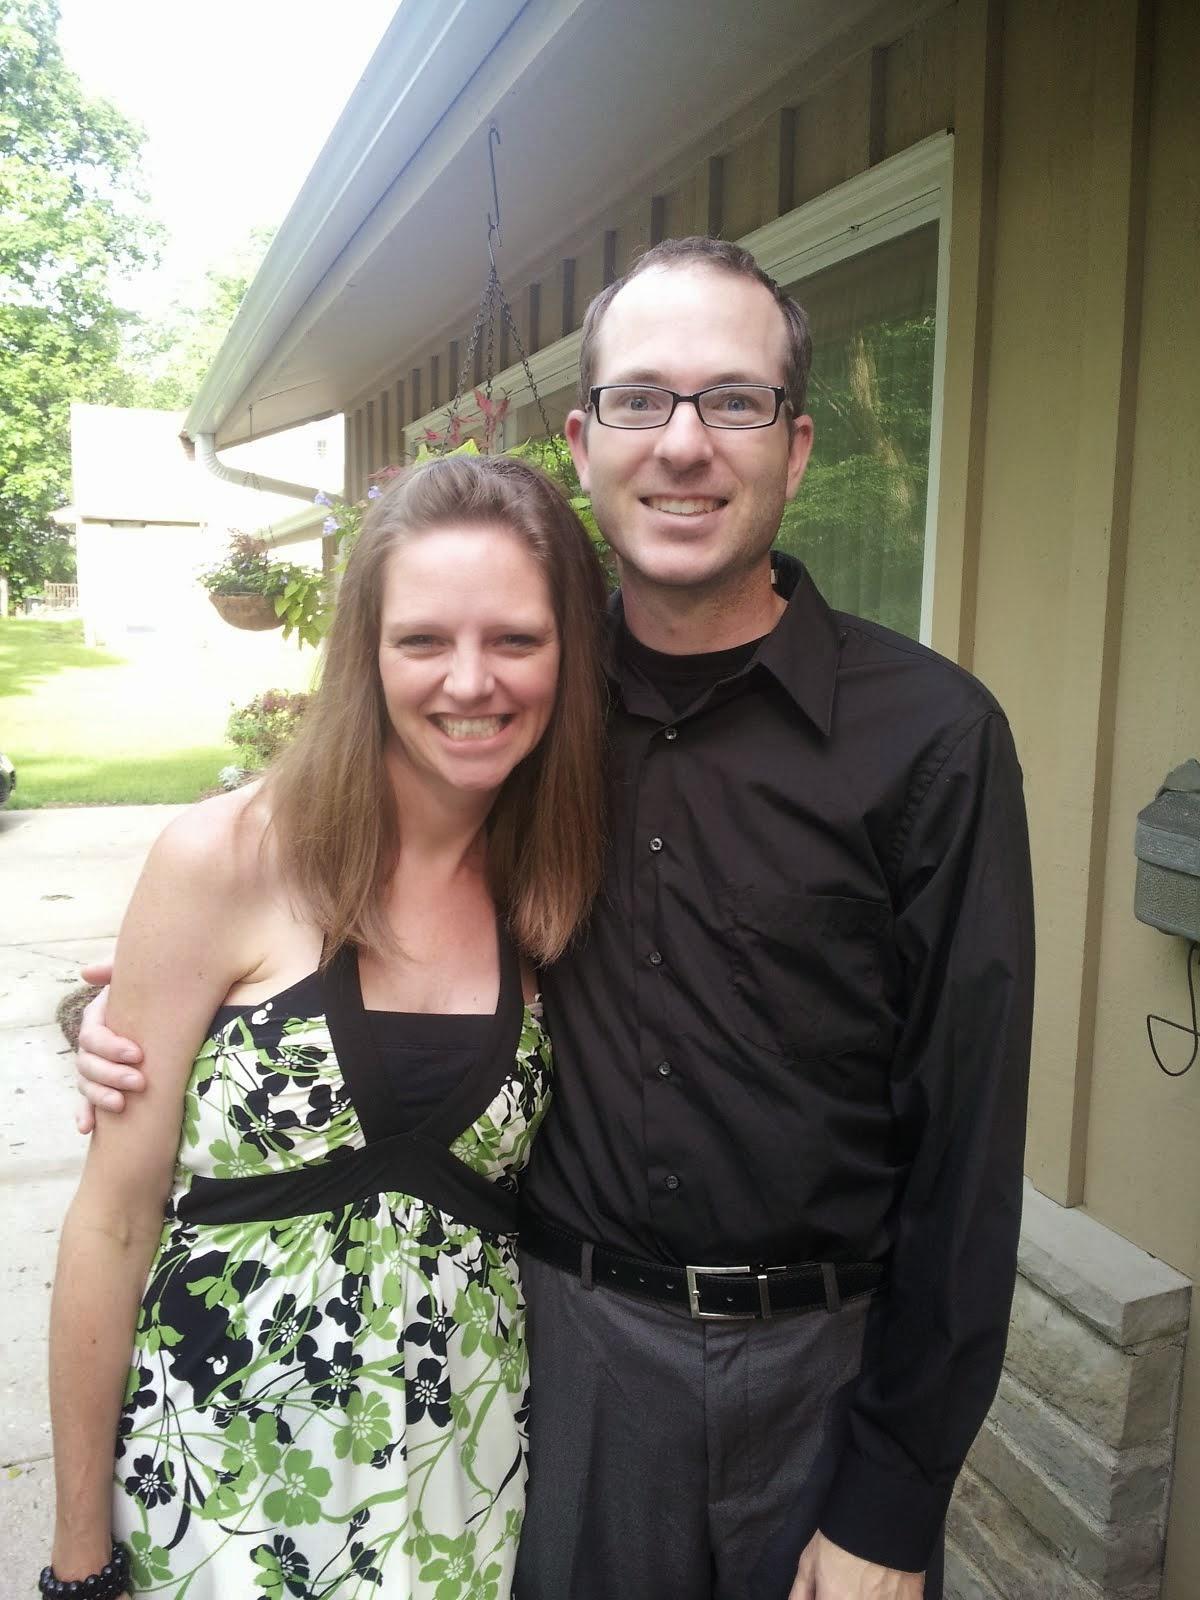 Eric and Sarah